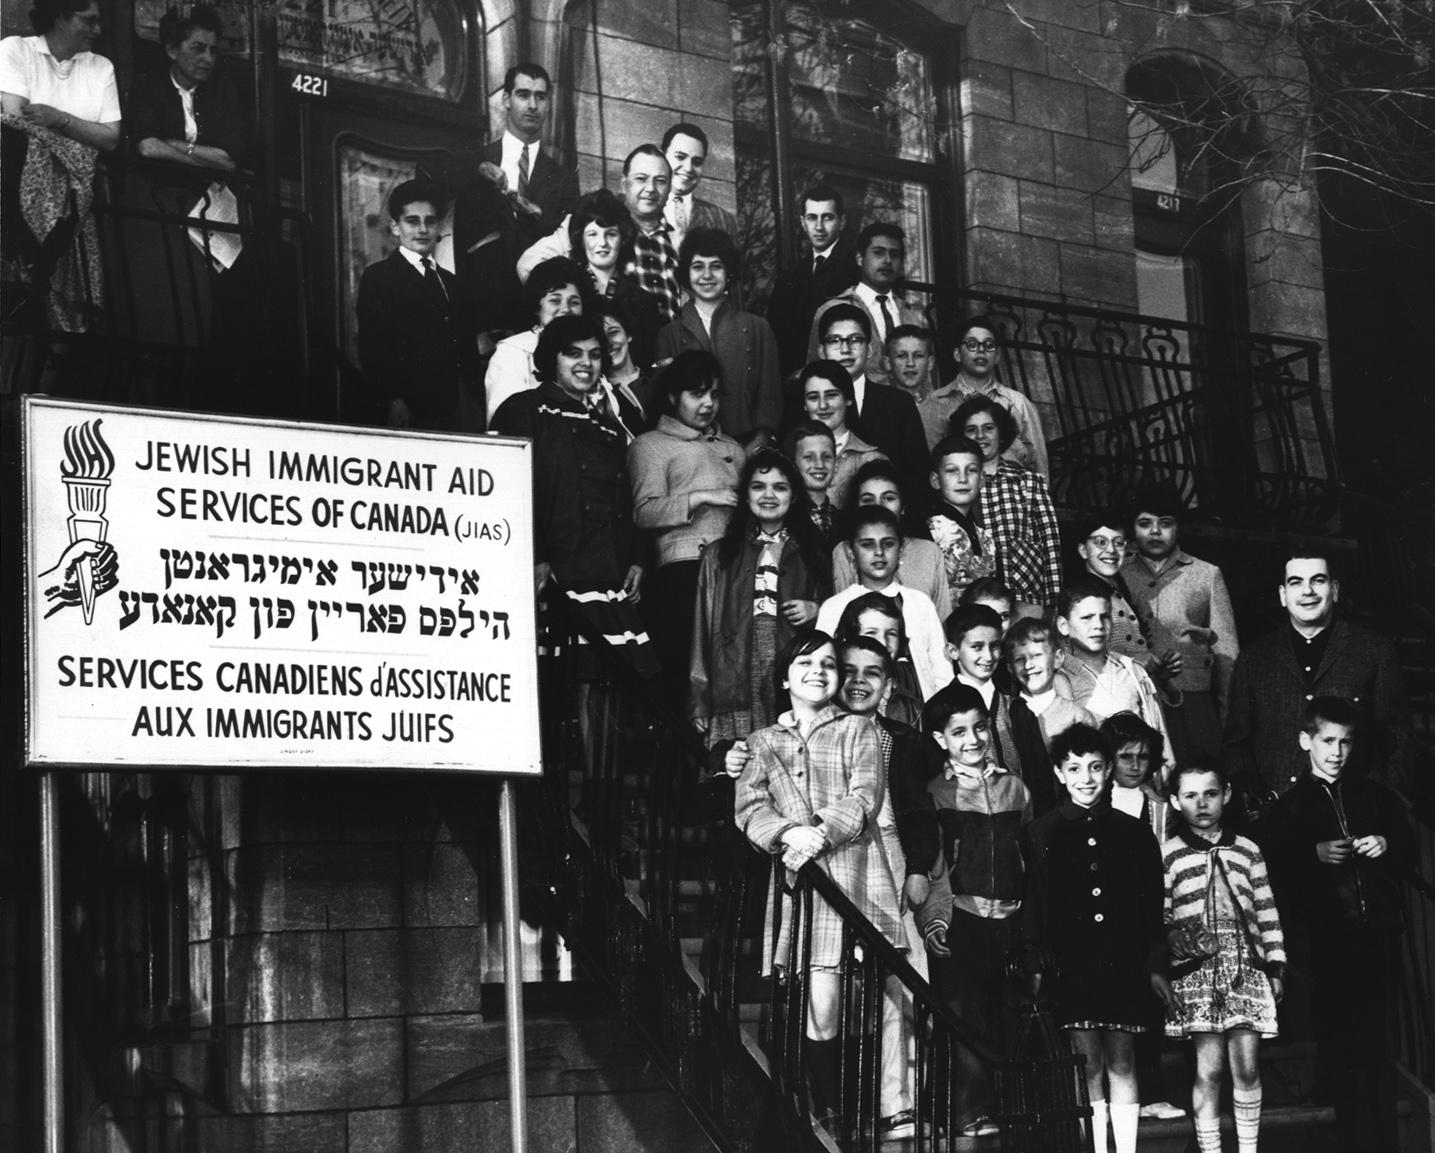 Groupe d'enfants accompagnés d'adultes se tenant dans les escaliers d'un immeuble.